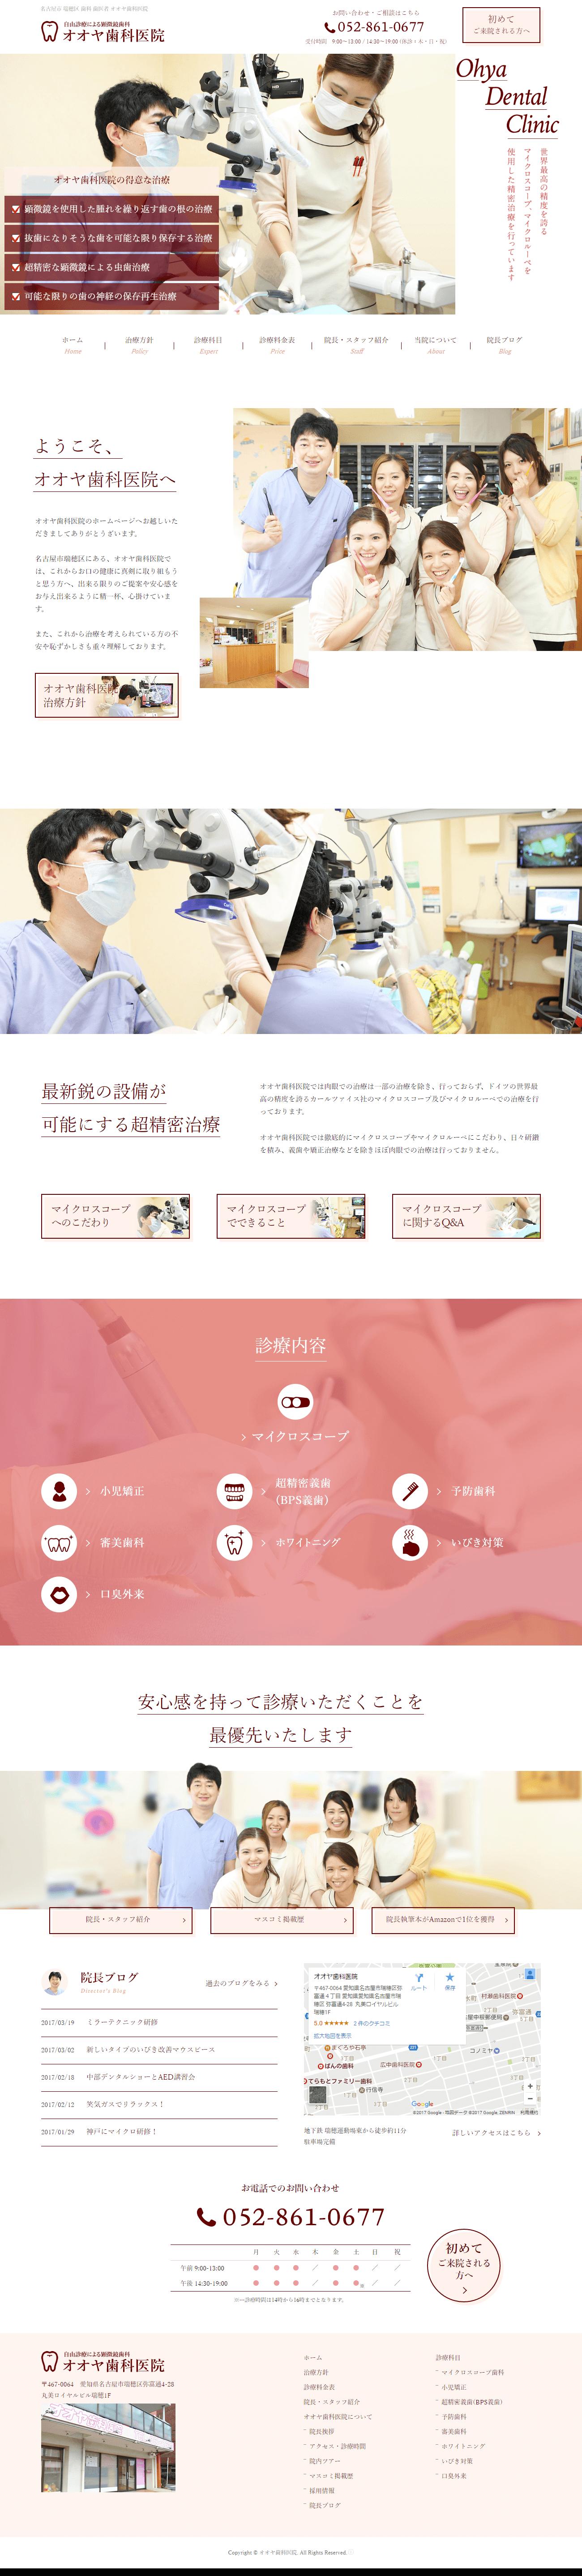 名古屋市 オオヤ歯科医院様 ホームページ制作1